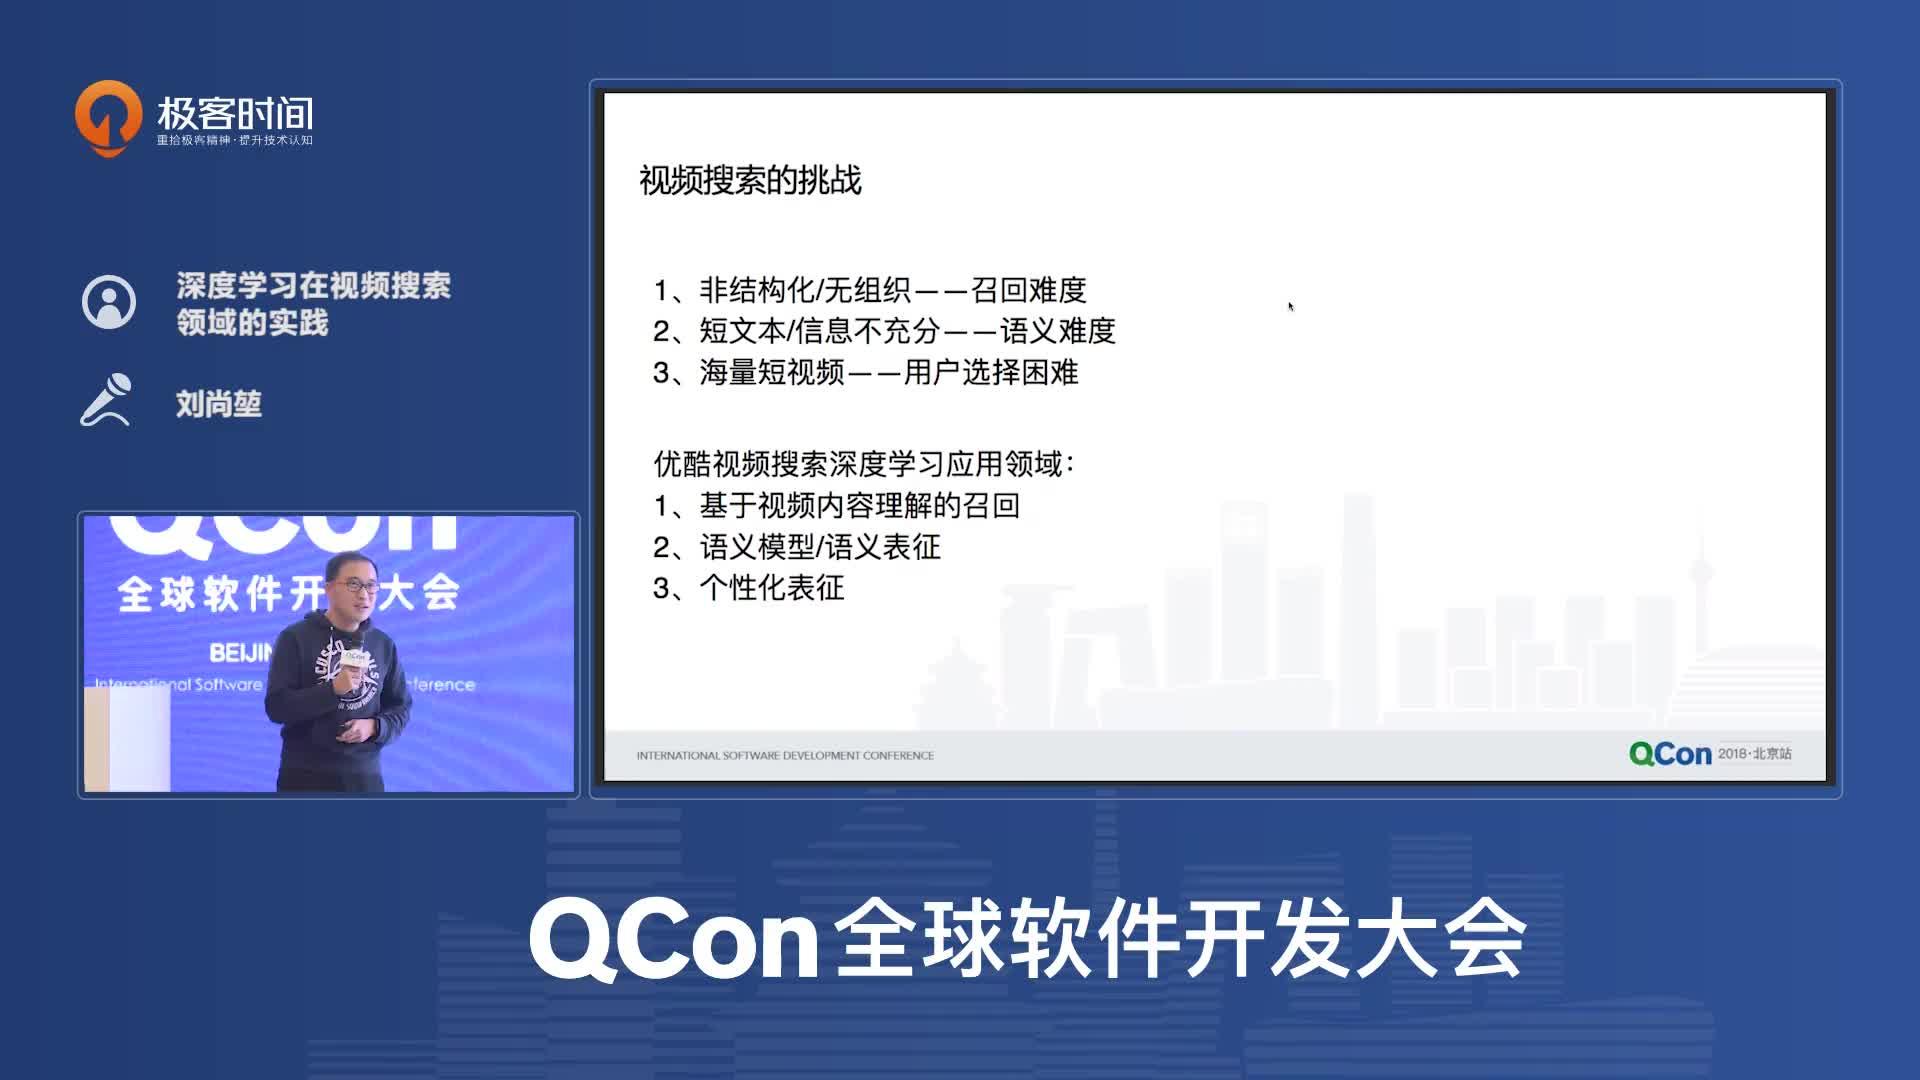 深度学习在视频搜索领域的实践丨QCon